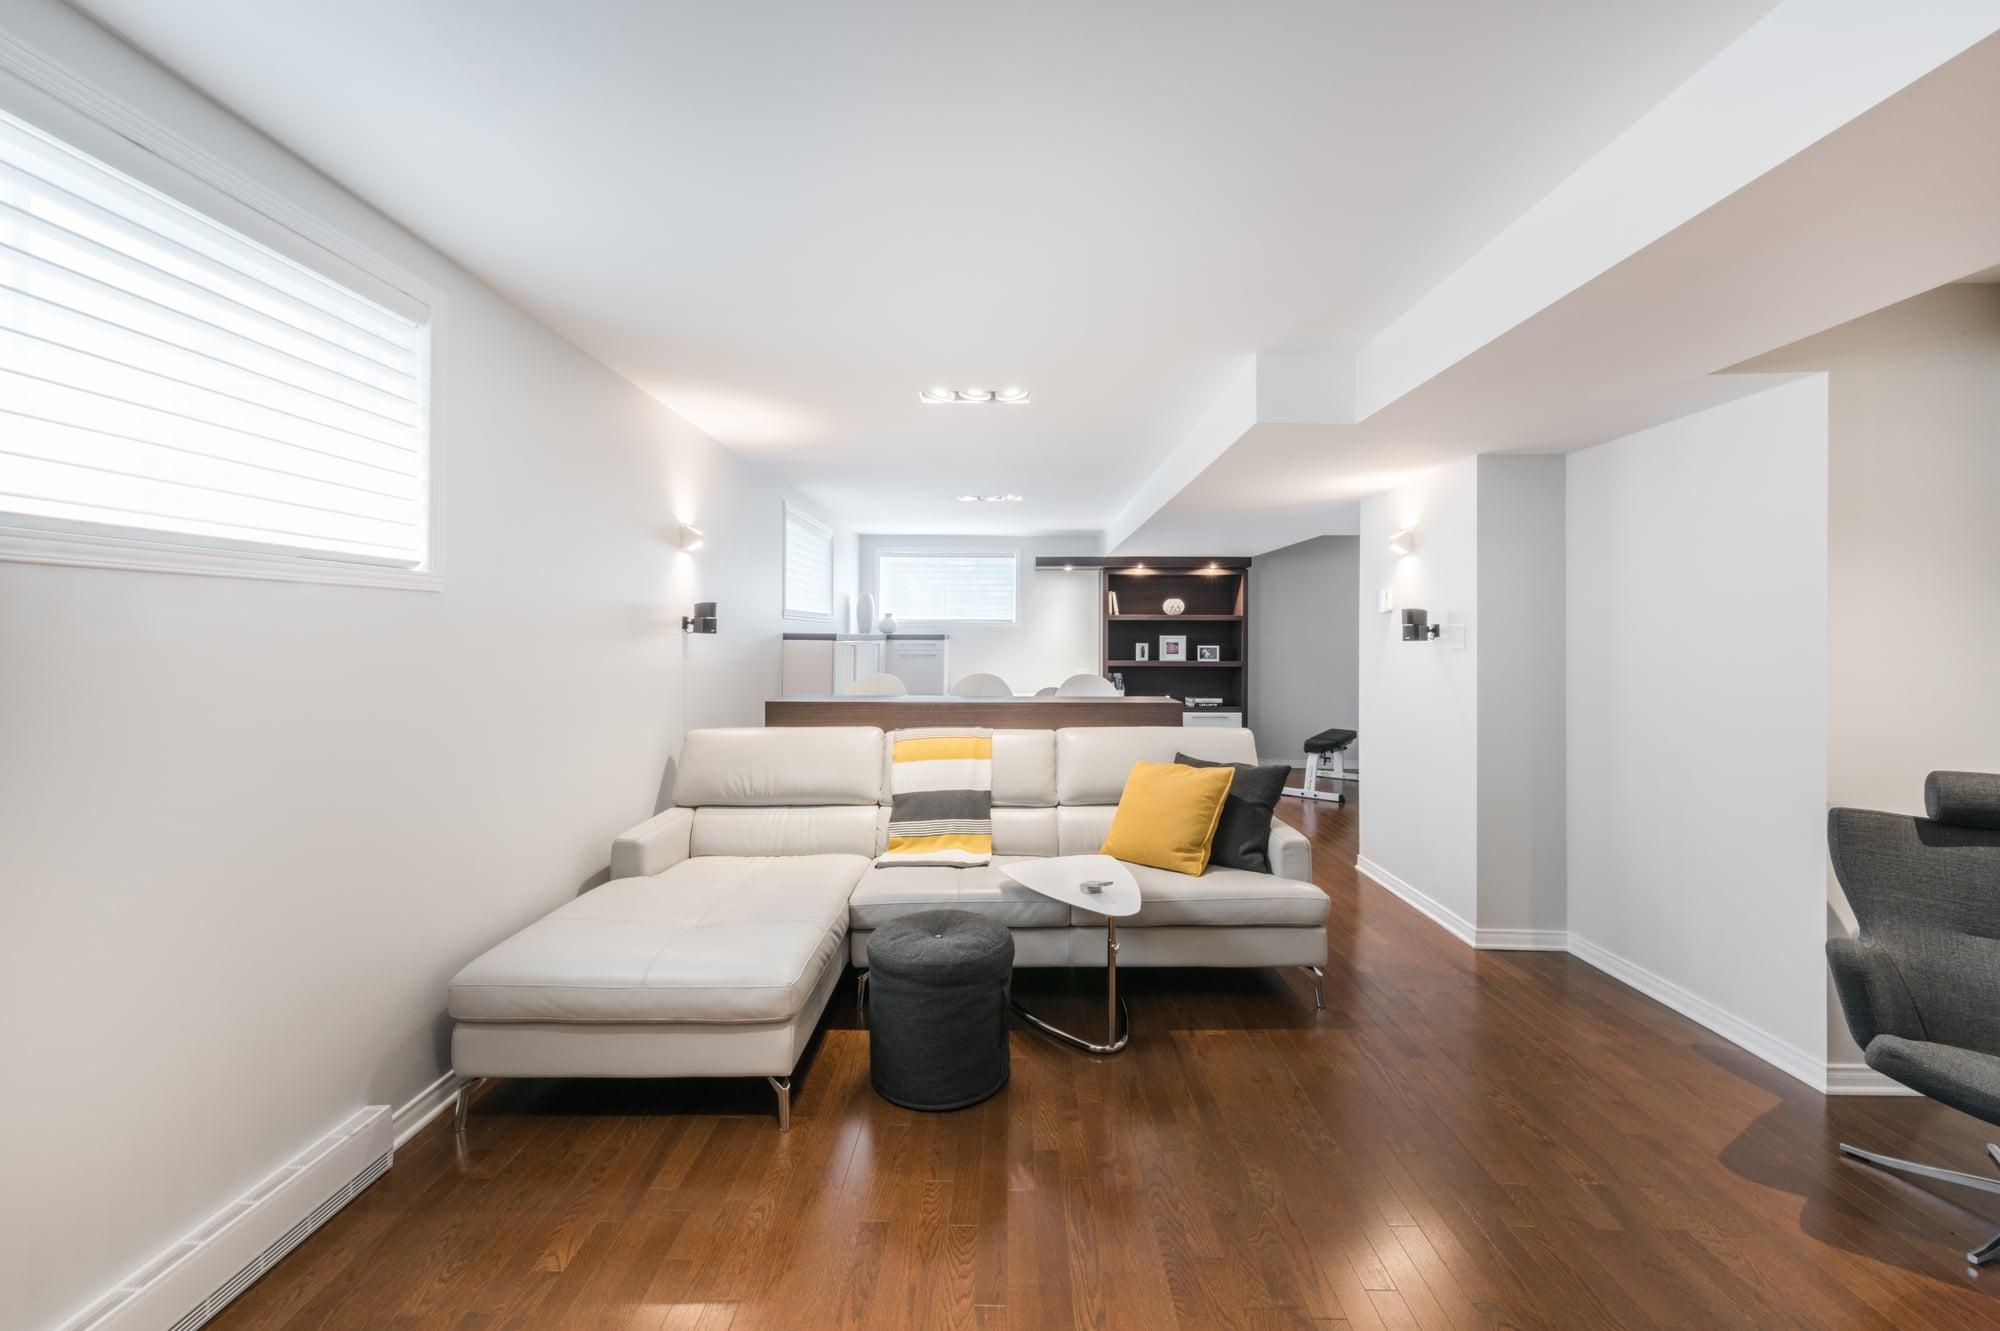 rénovation d'un sous-sol de style contemporain avec divant beige et plancher de bois franc